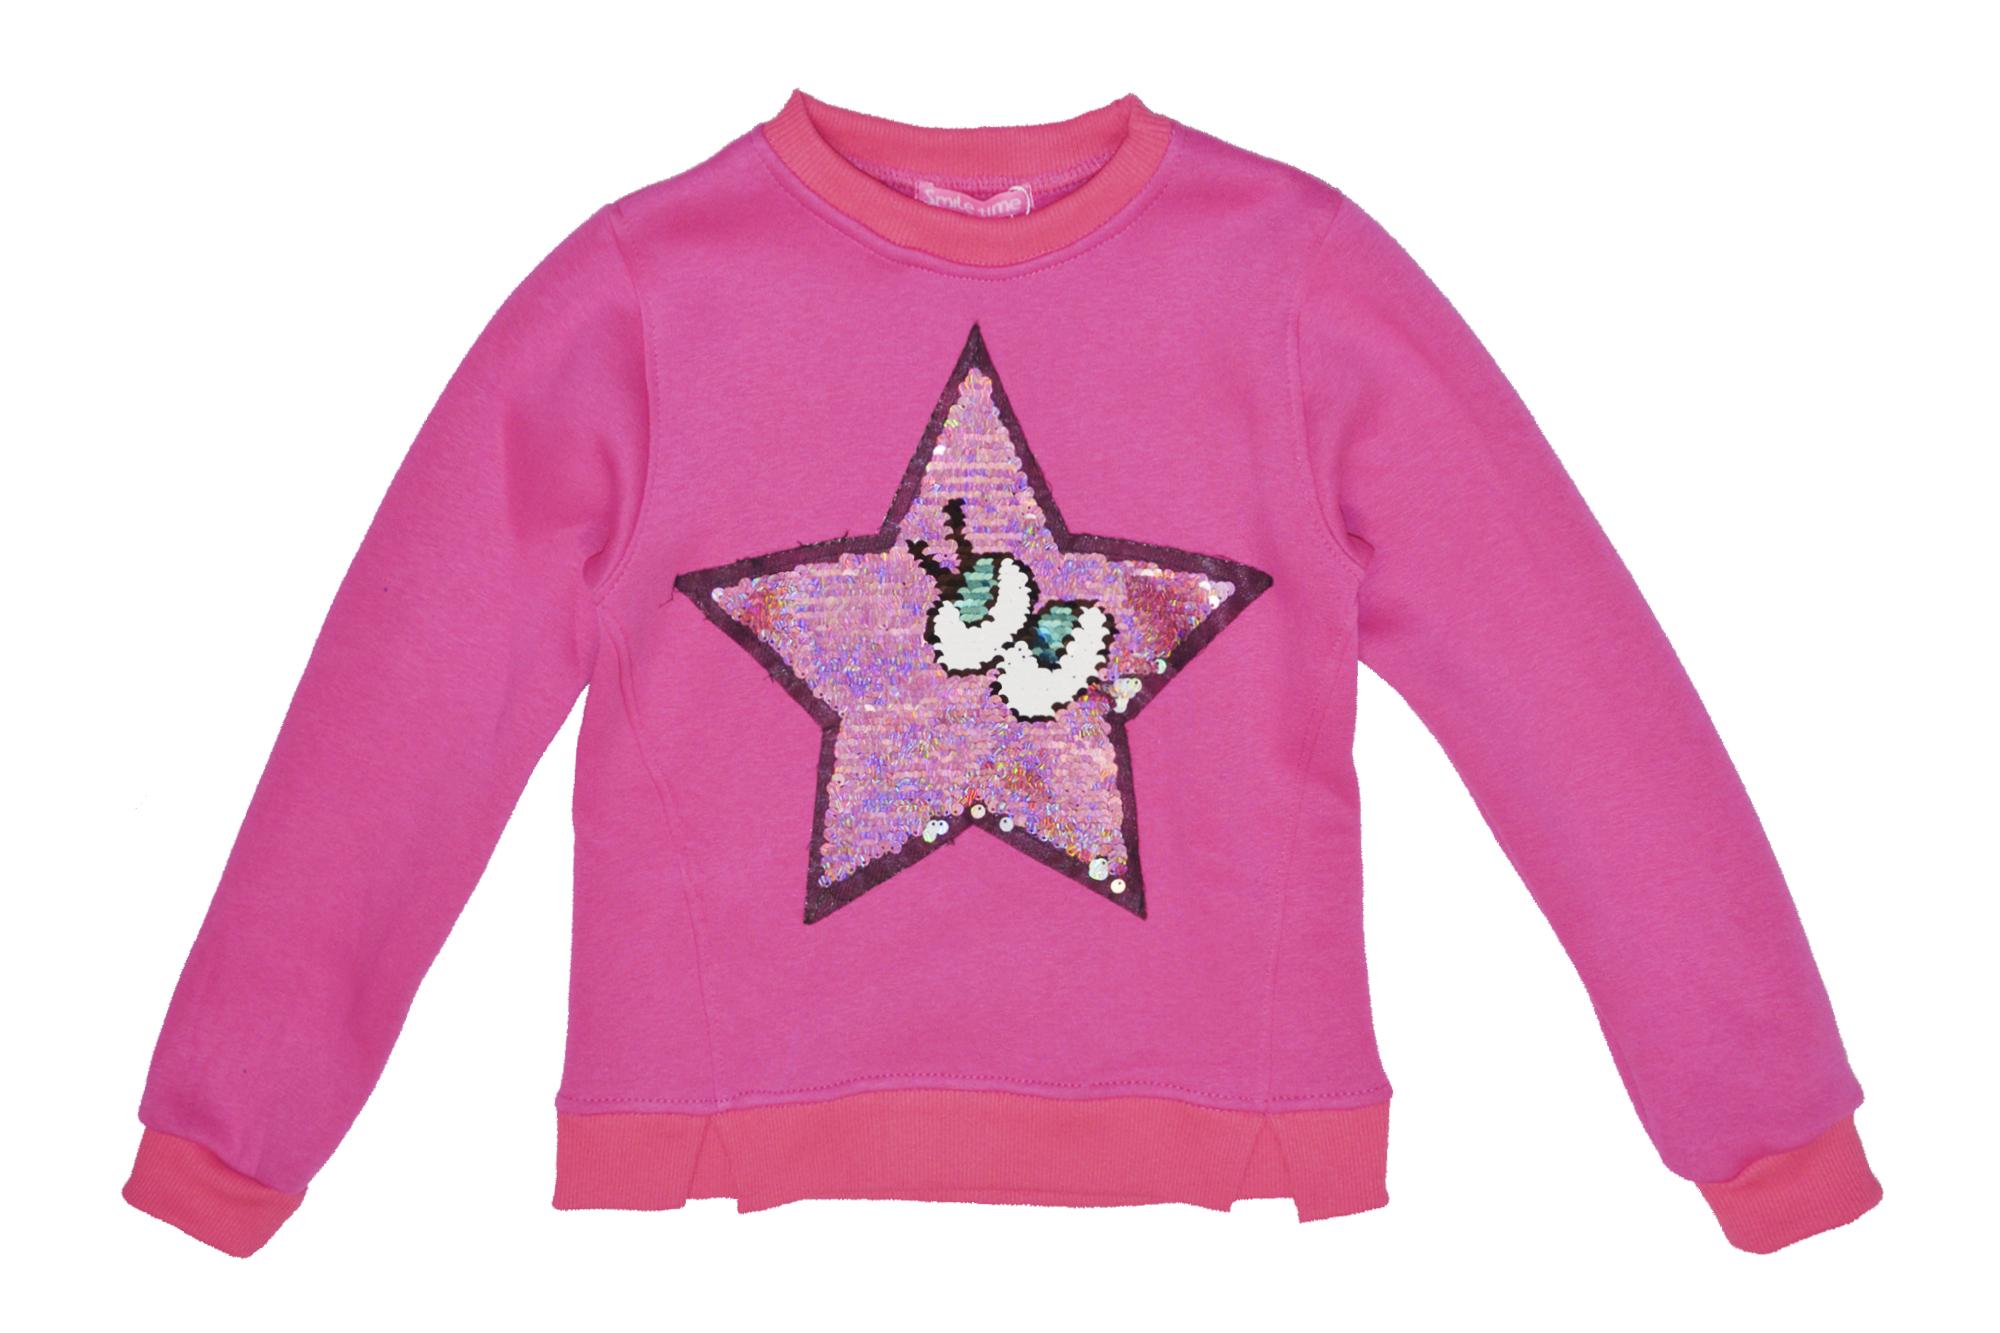 Свитшот SmileTime детский утепленный Star, малиновый